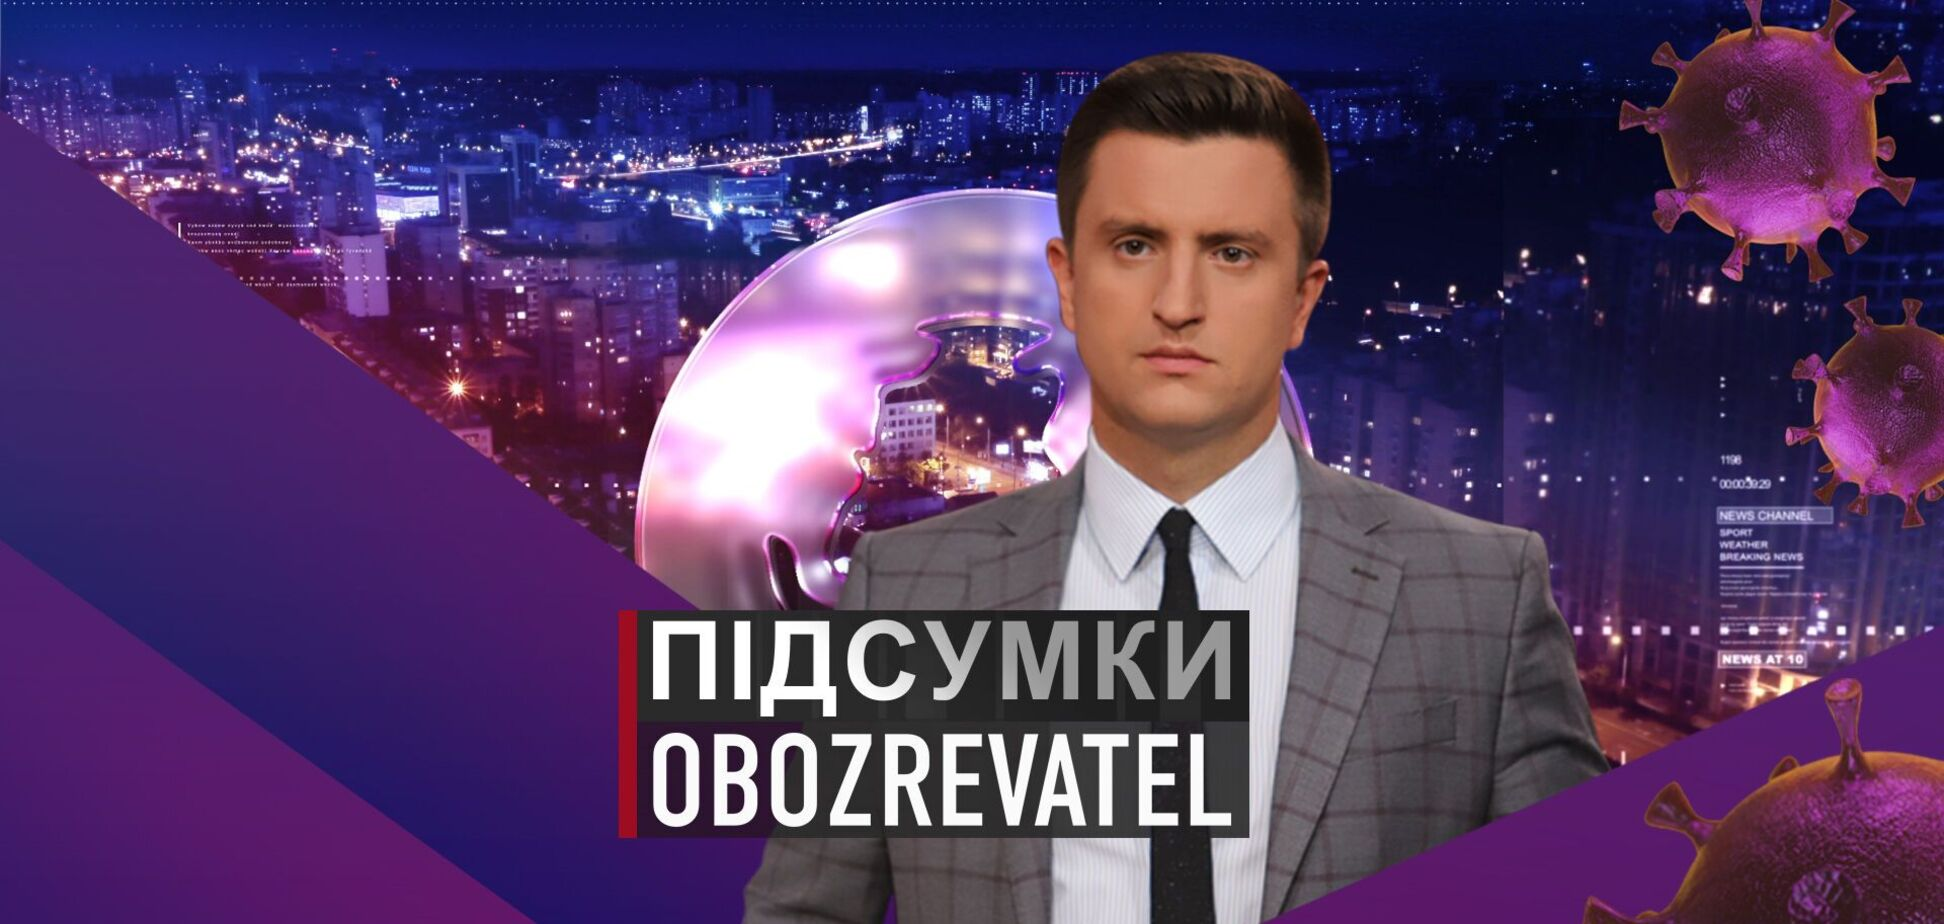 Підсумки з Вадимом Колодійчуком. Вівторок, 30 березня